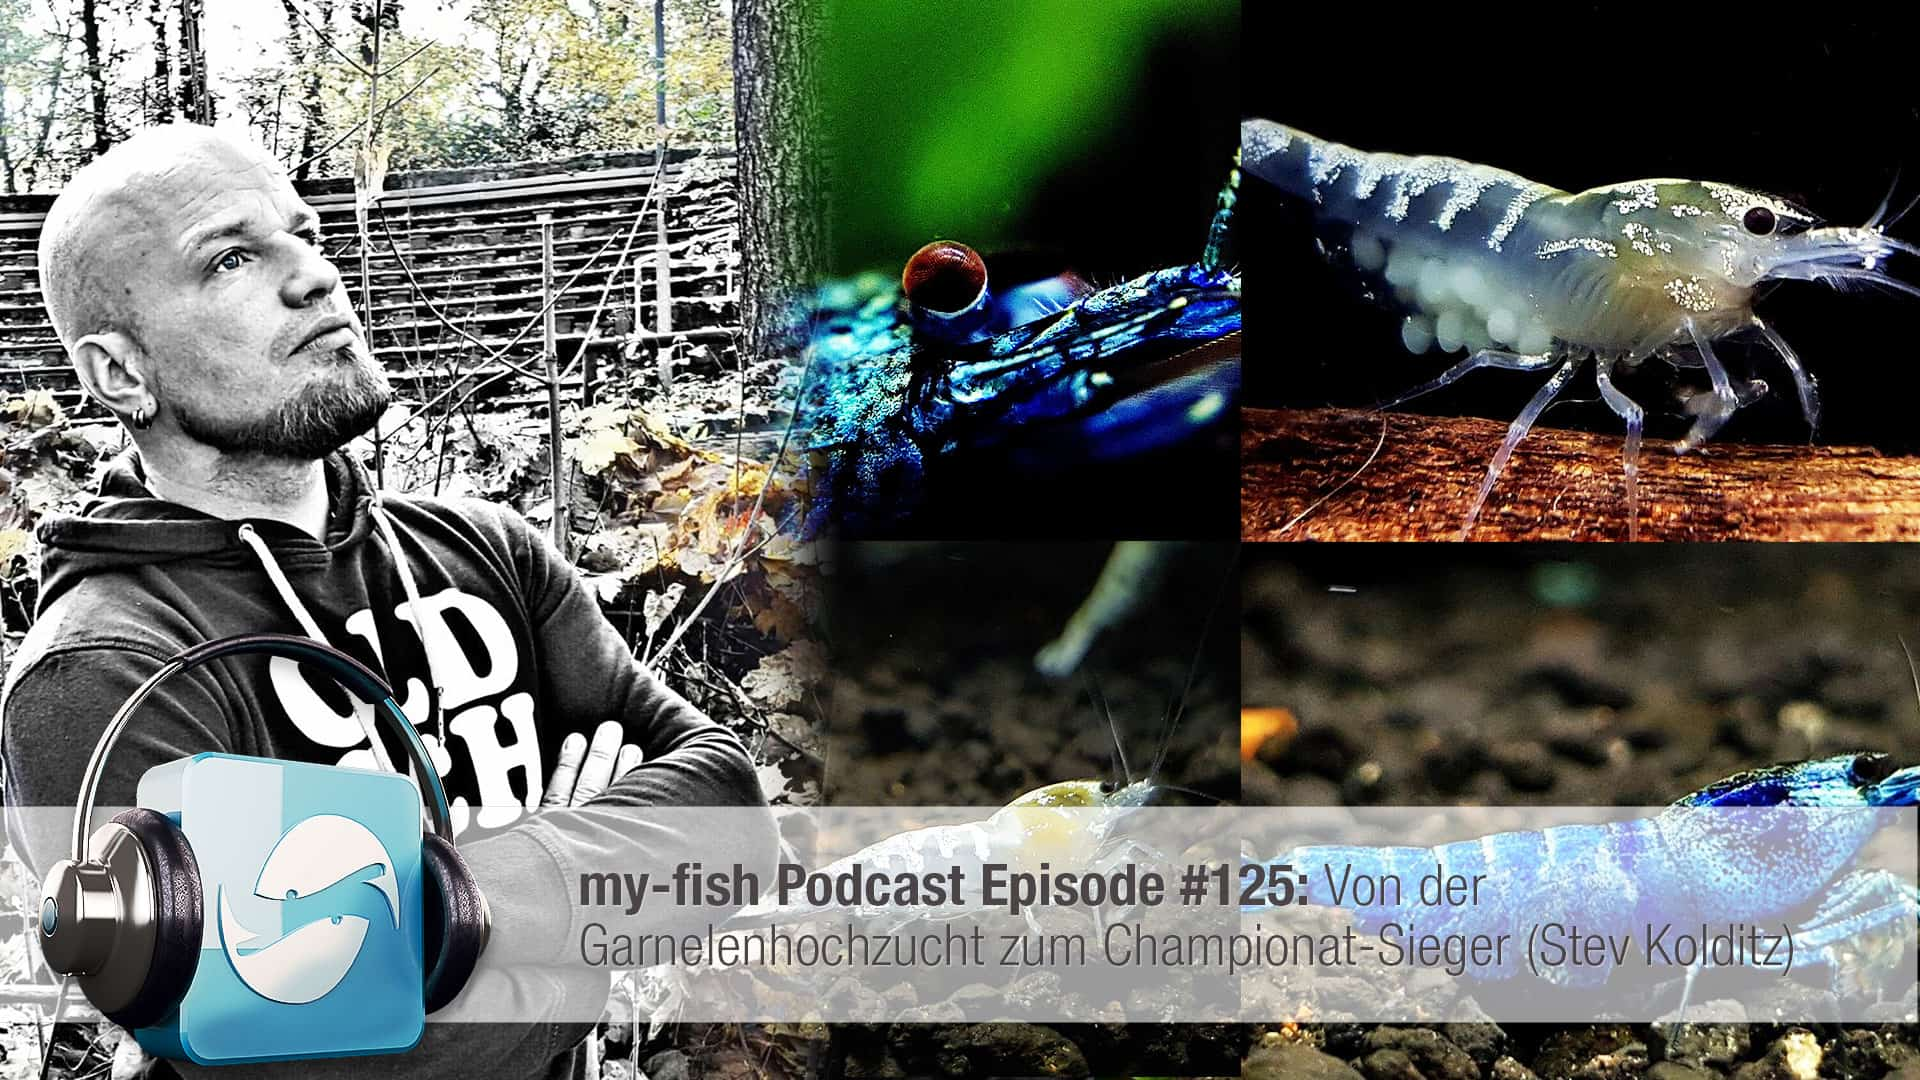 Podcast Episode #125: Von der Garnelenhochzucht zum Championat-Sieger (Stev Kolditz) 1